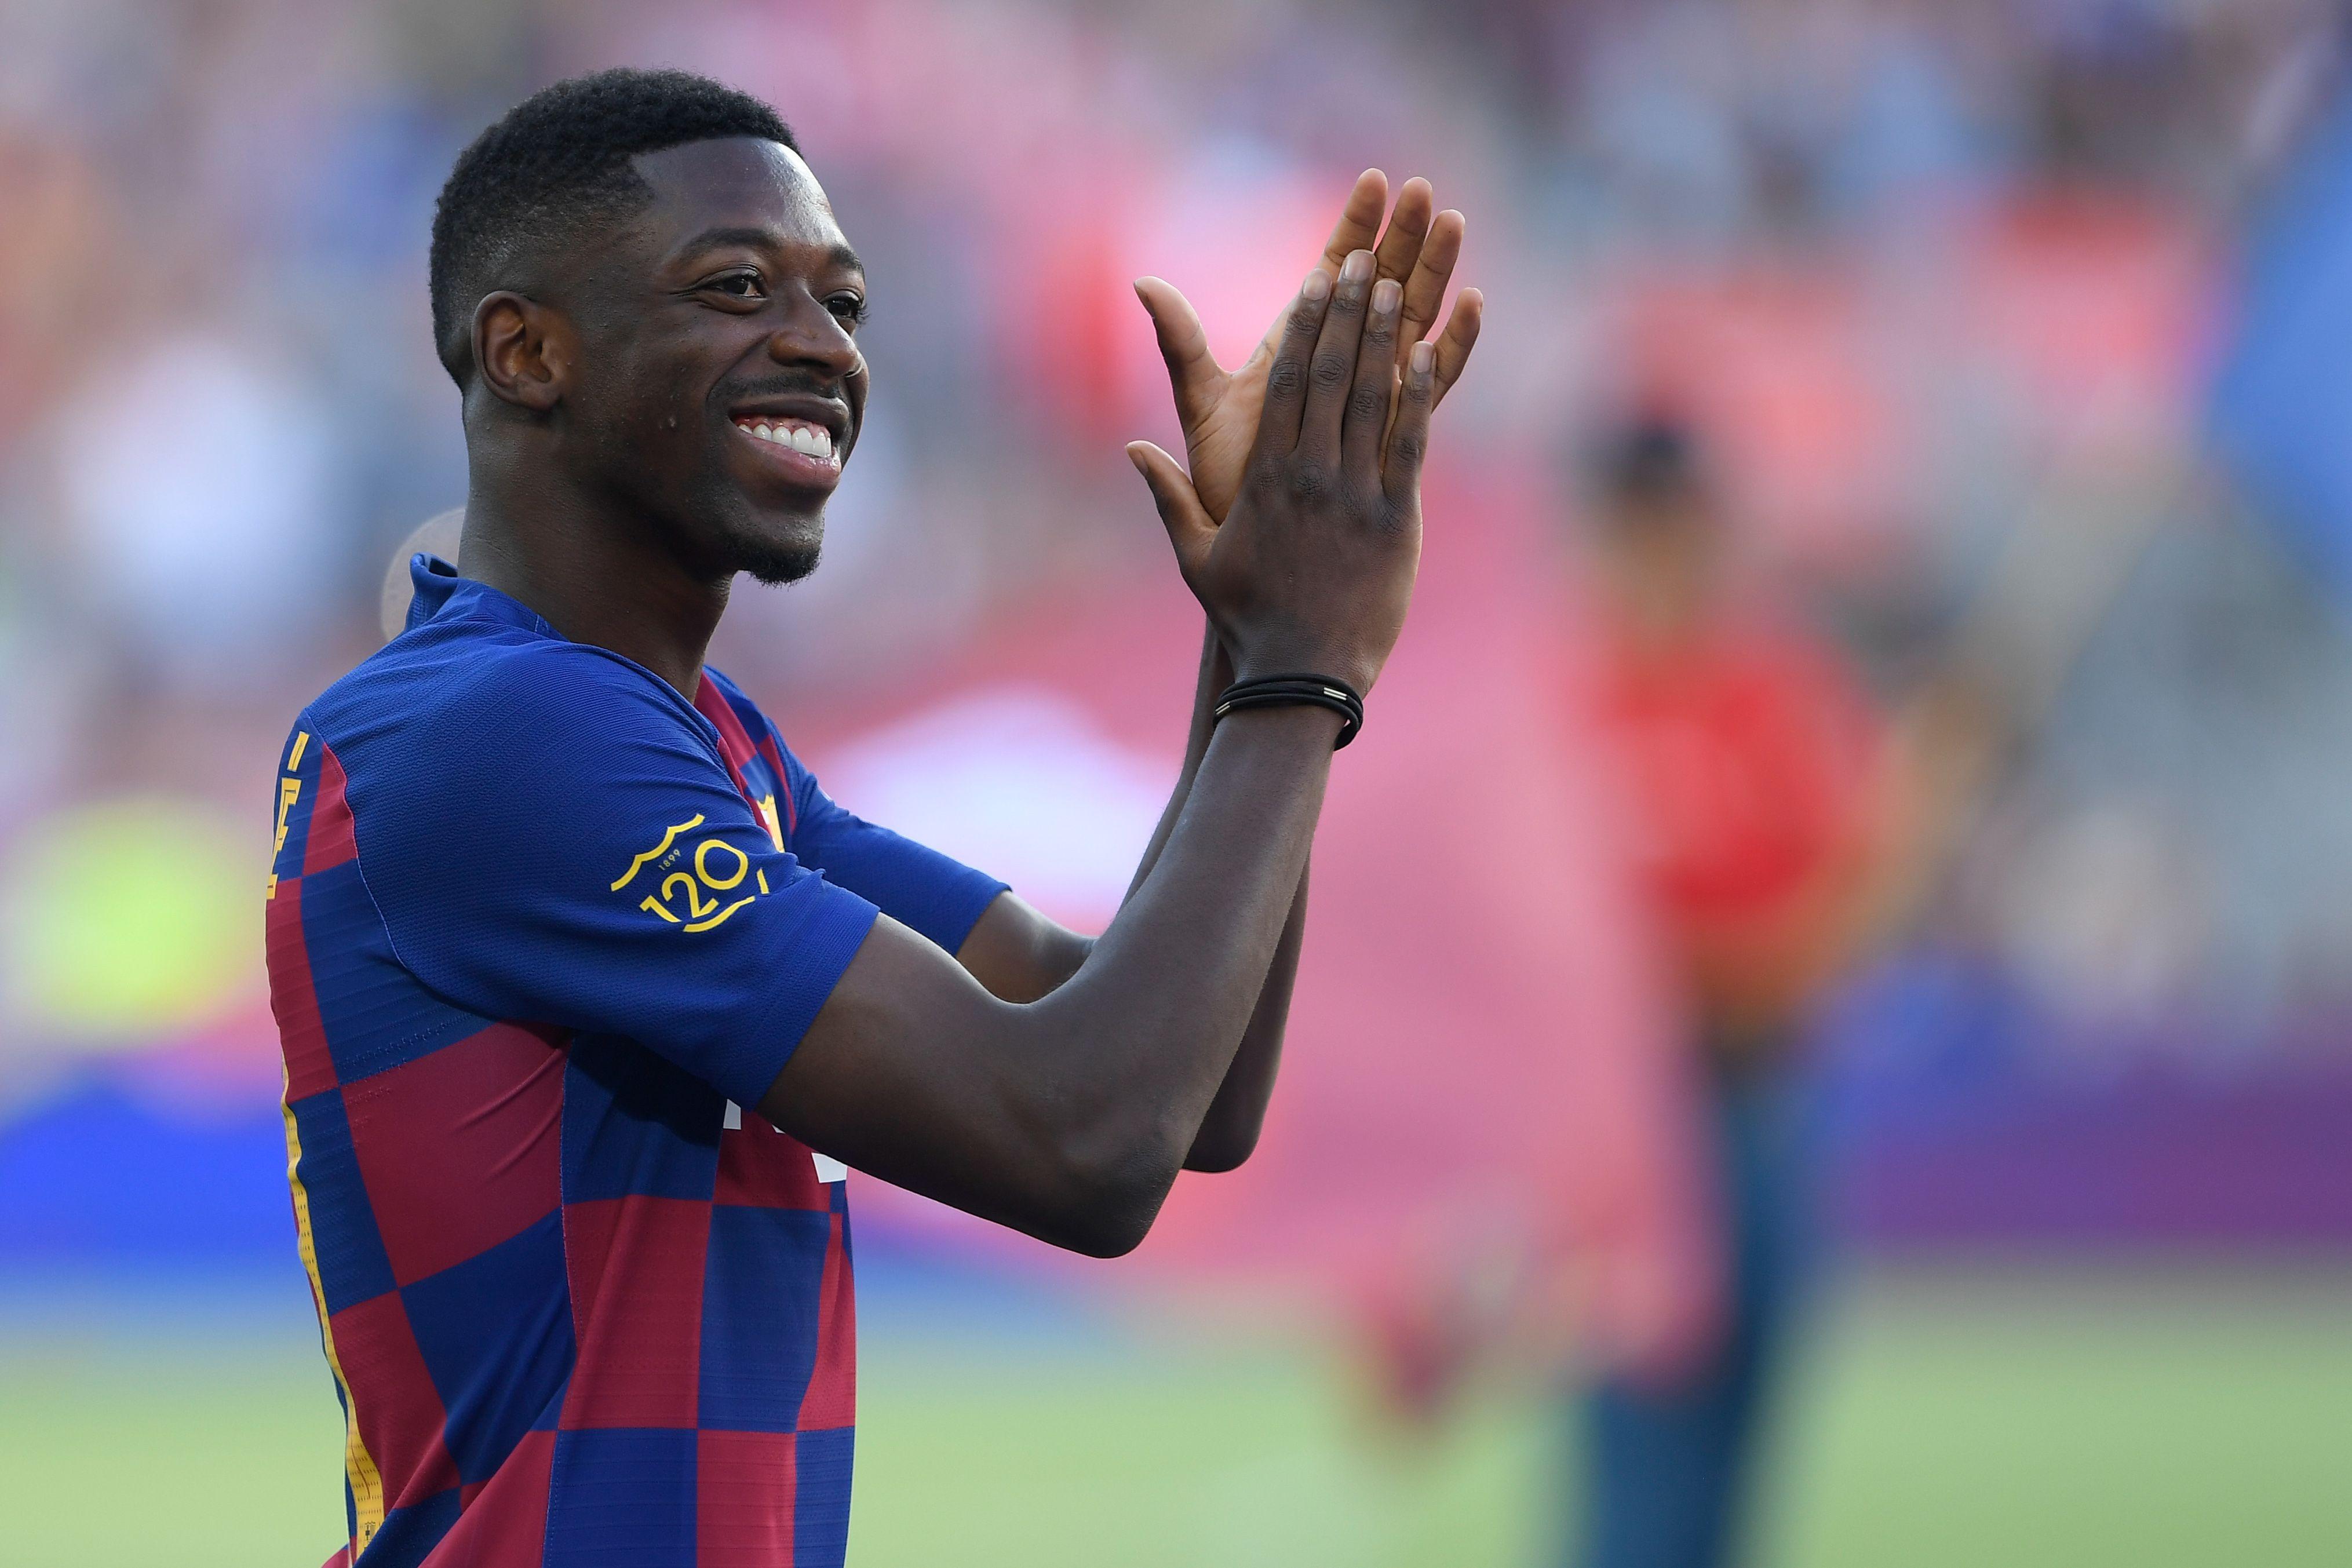 Football - Transferts - Le PSG aurait bien voulu attirer Dembélé, mais...